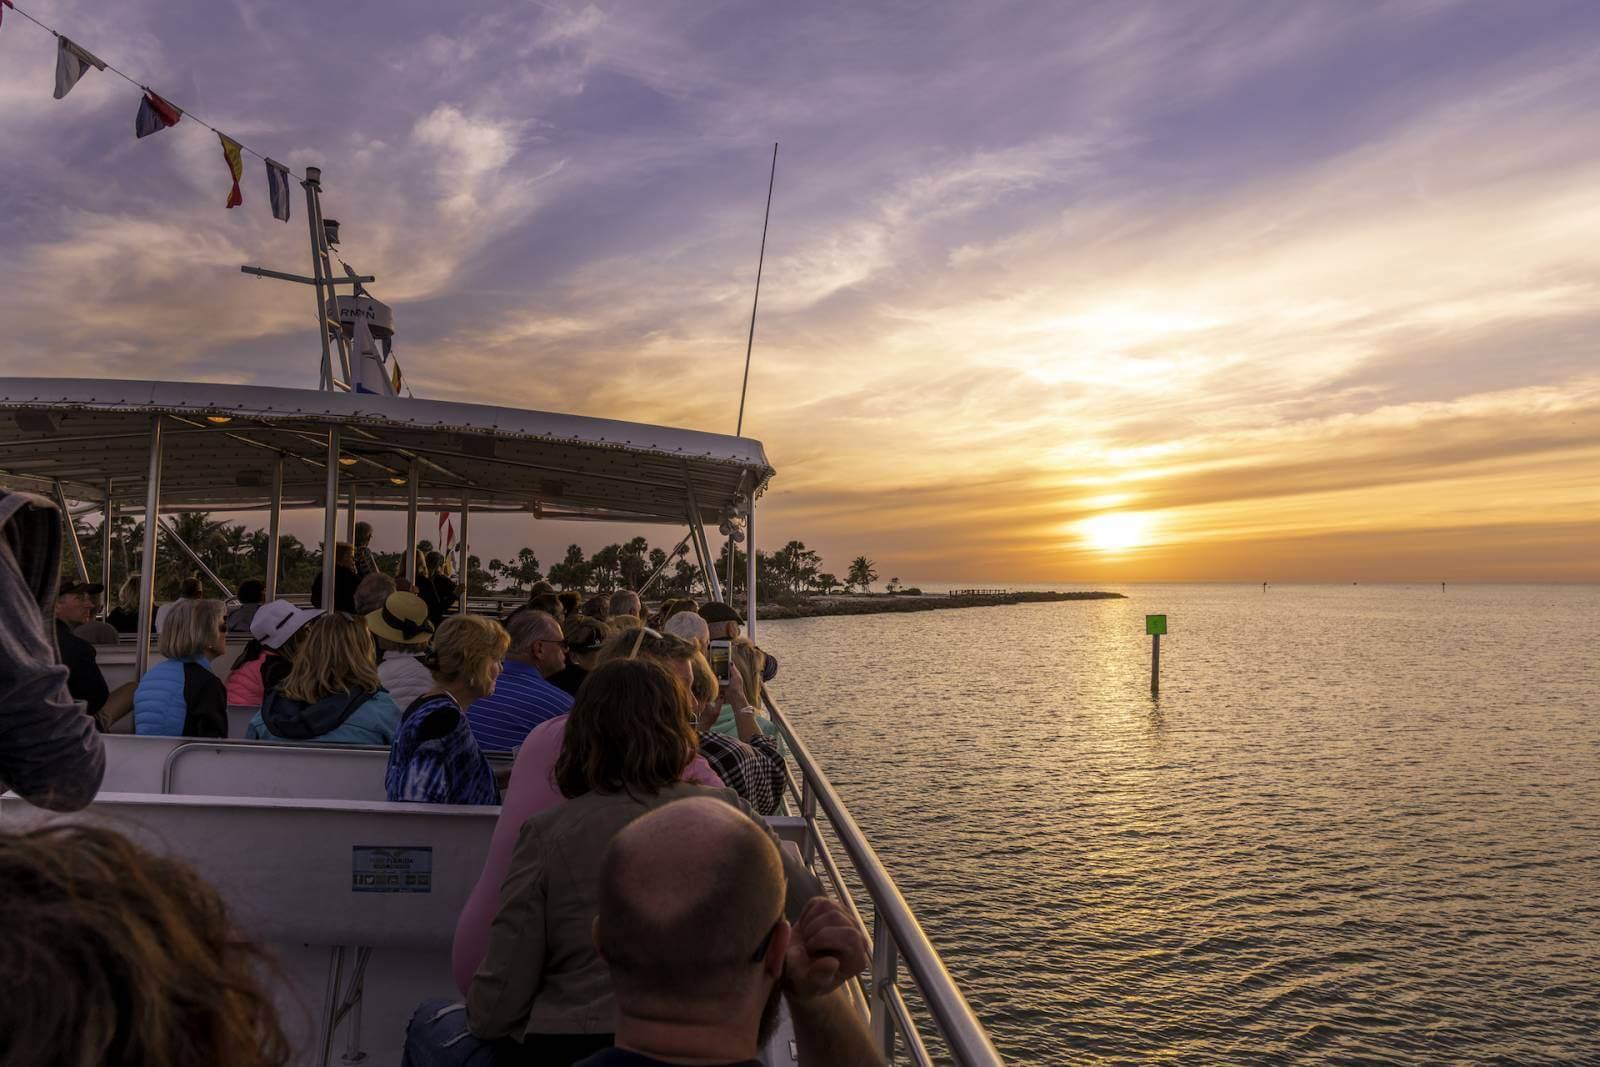 Sunset sightseeing cruise Pure Florida Naples, Florida.